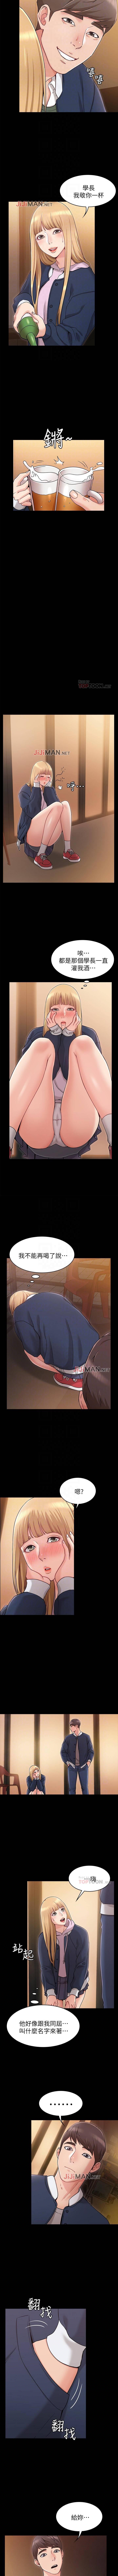 【周六连载】女友的姐姐(作者:橡果人&獵狗) 第1~23话 12